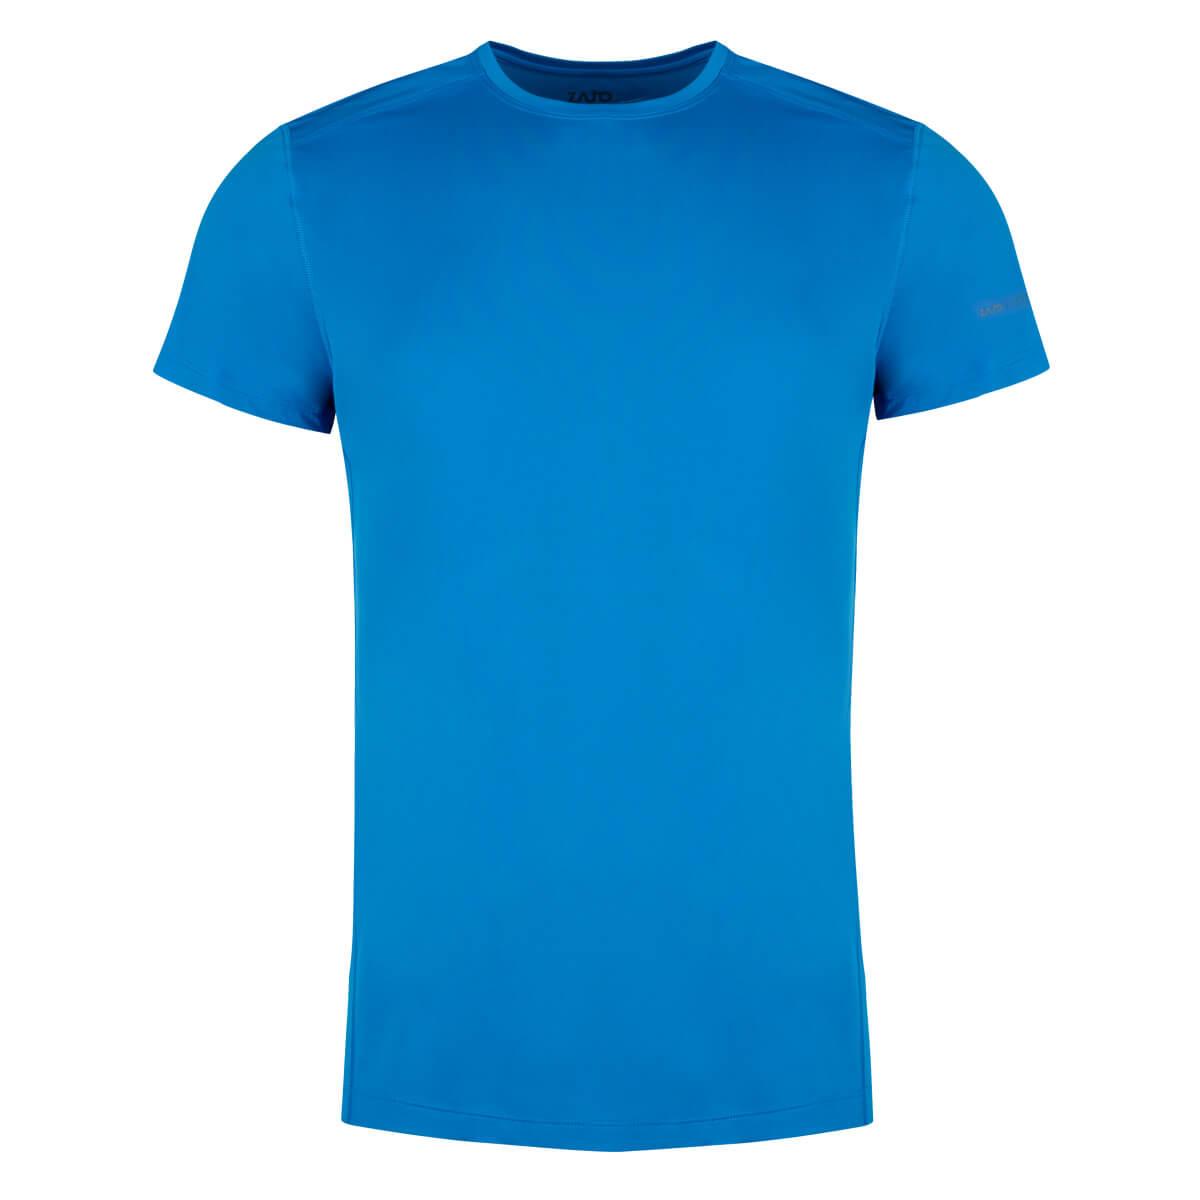 ZAJO Litio T-shirt SS Ibiza Blue pánske tričko - veľkosť S